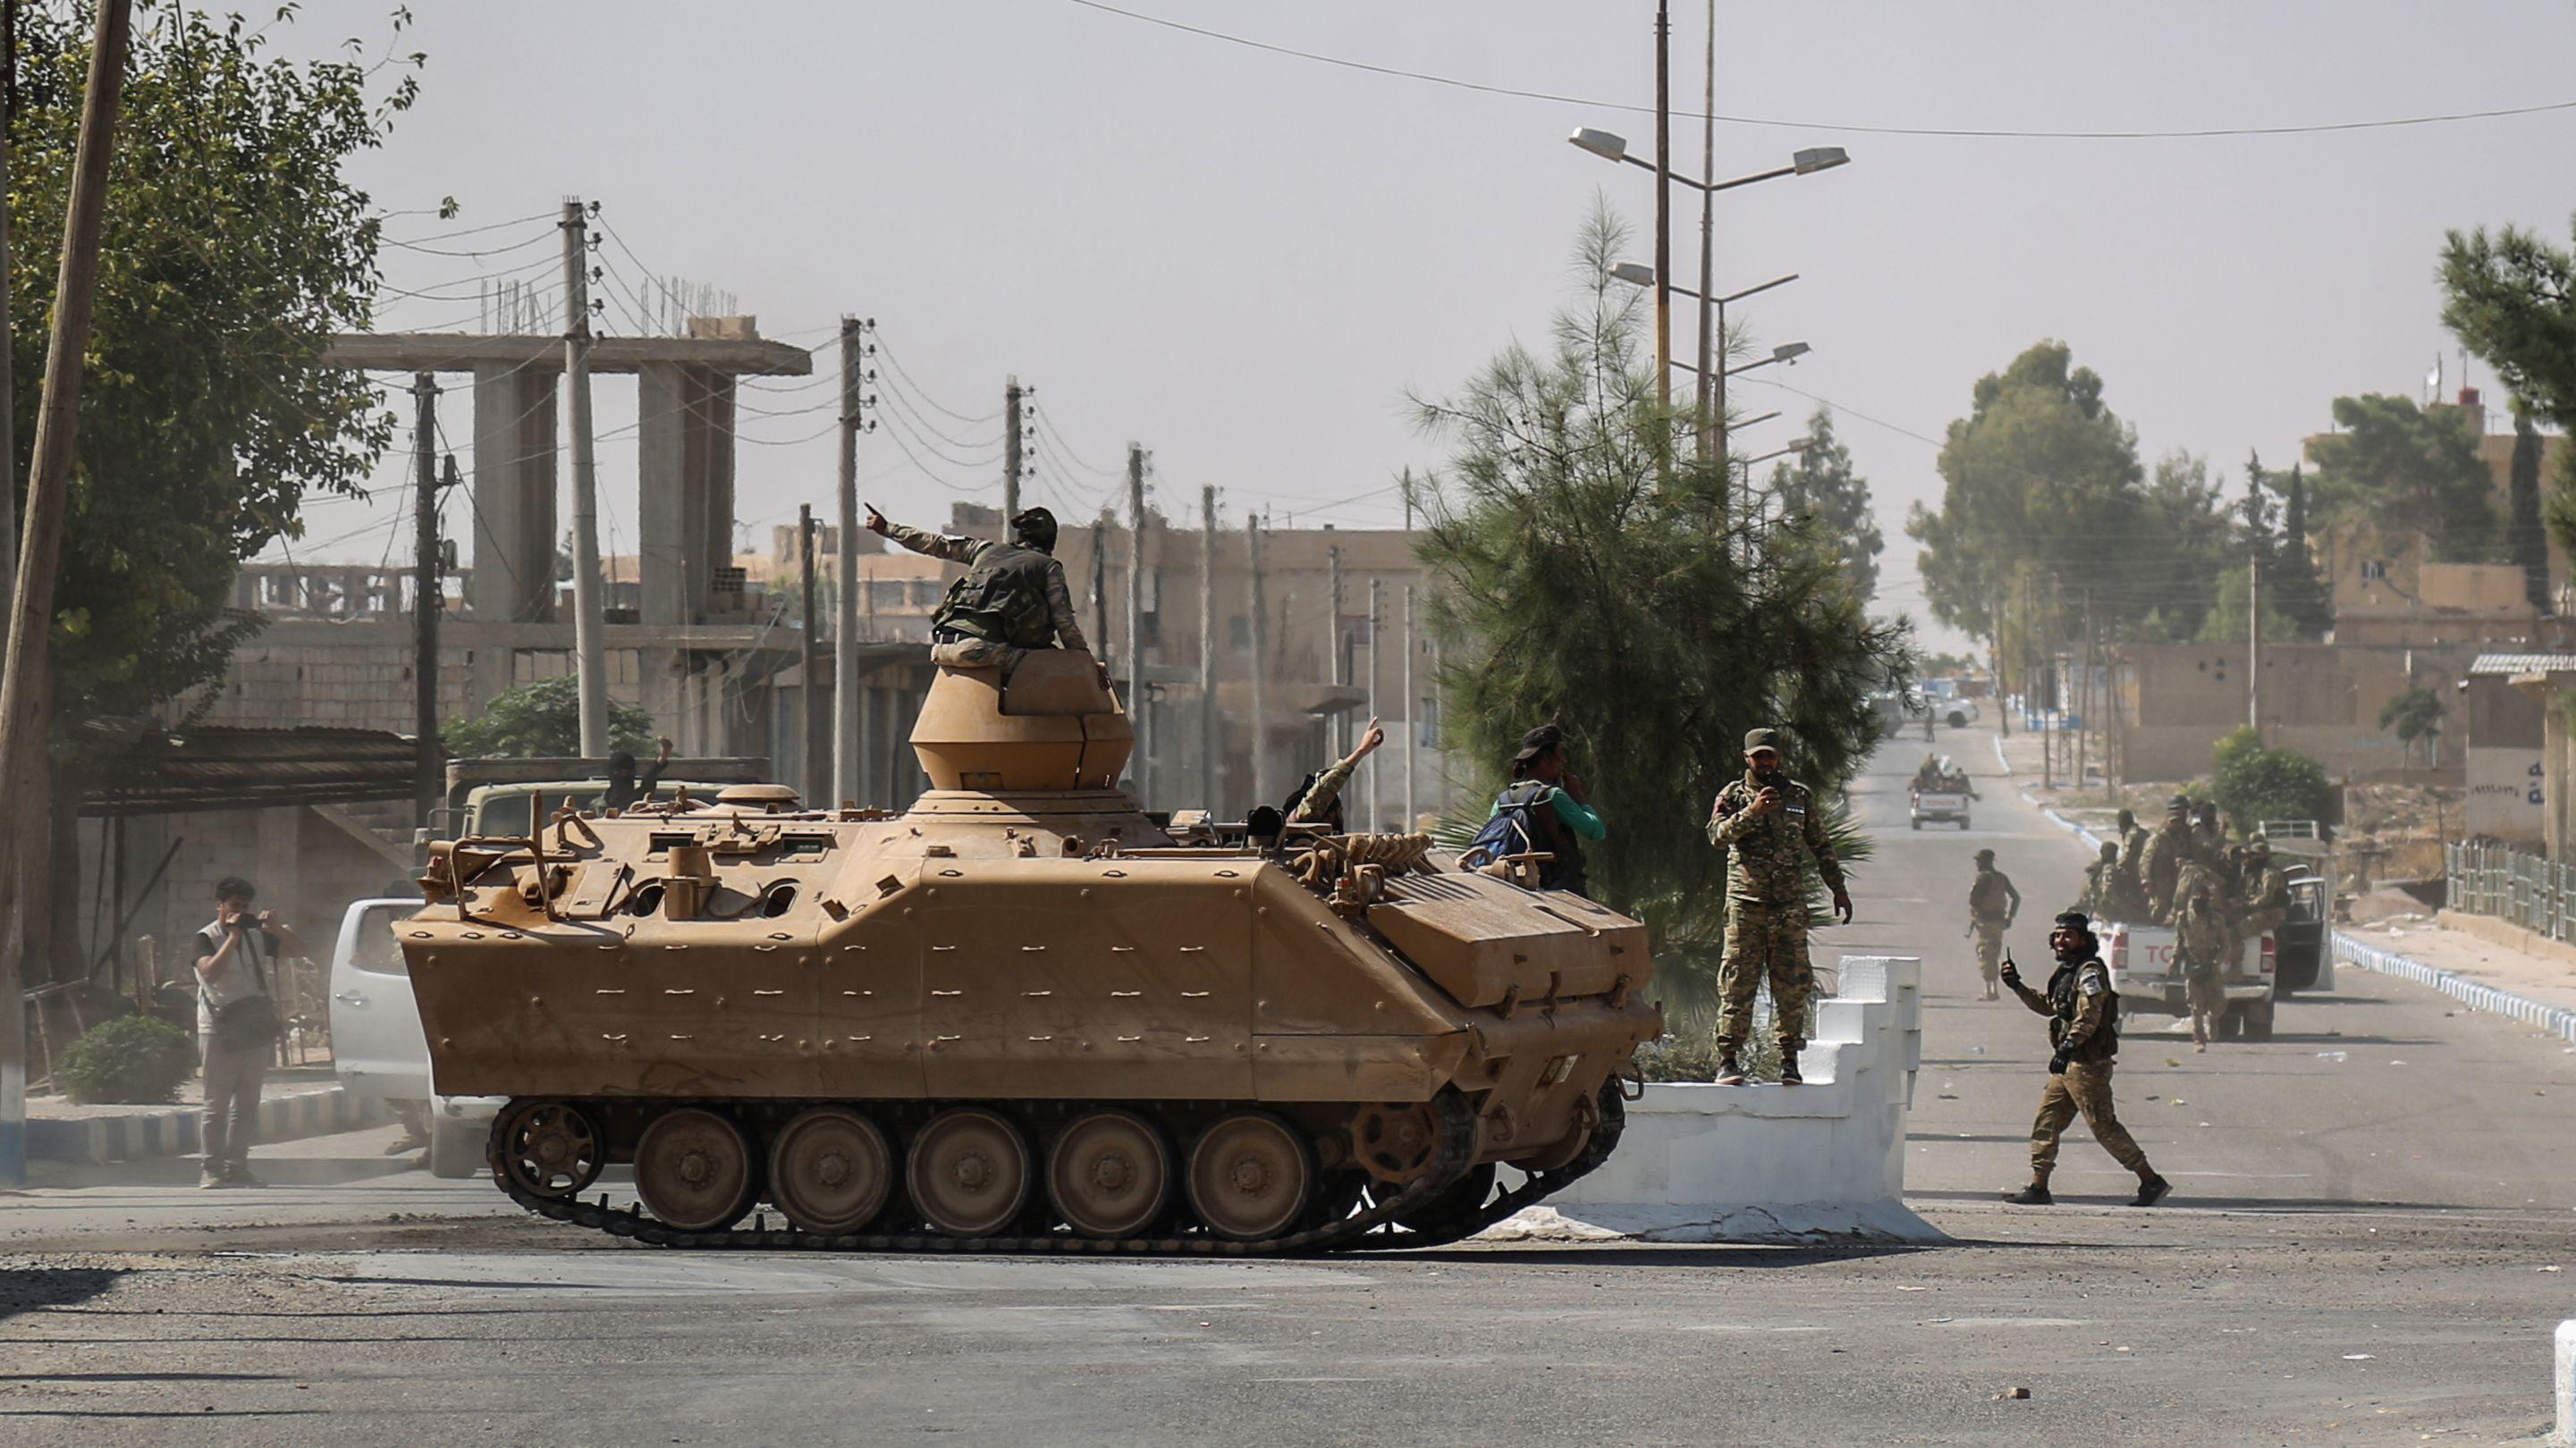 Suluk: Soldaten der syrischen Nationalarmee patrouillieren nach Zusammenstößen mit kurdischen Soldaten mit einem Panzer auf einer Straße.